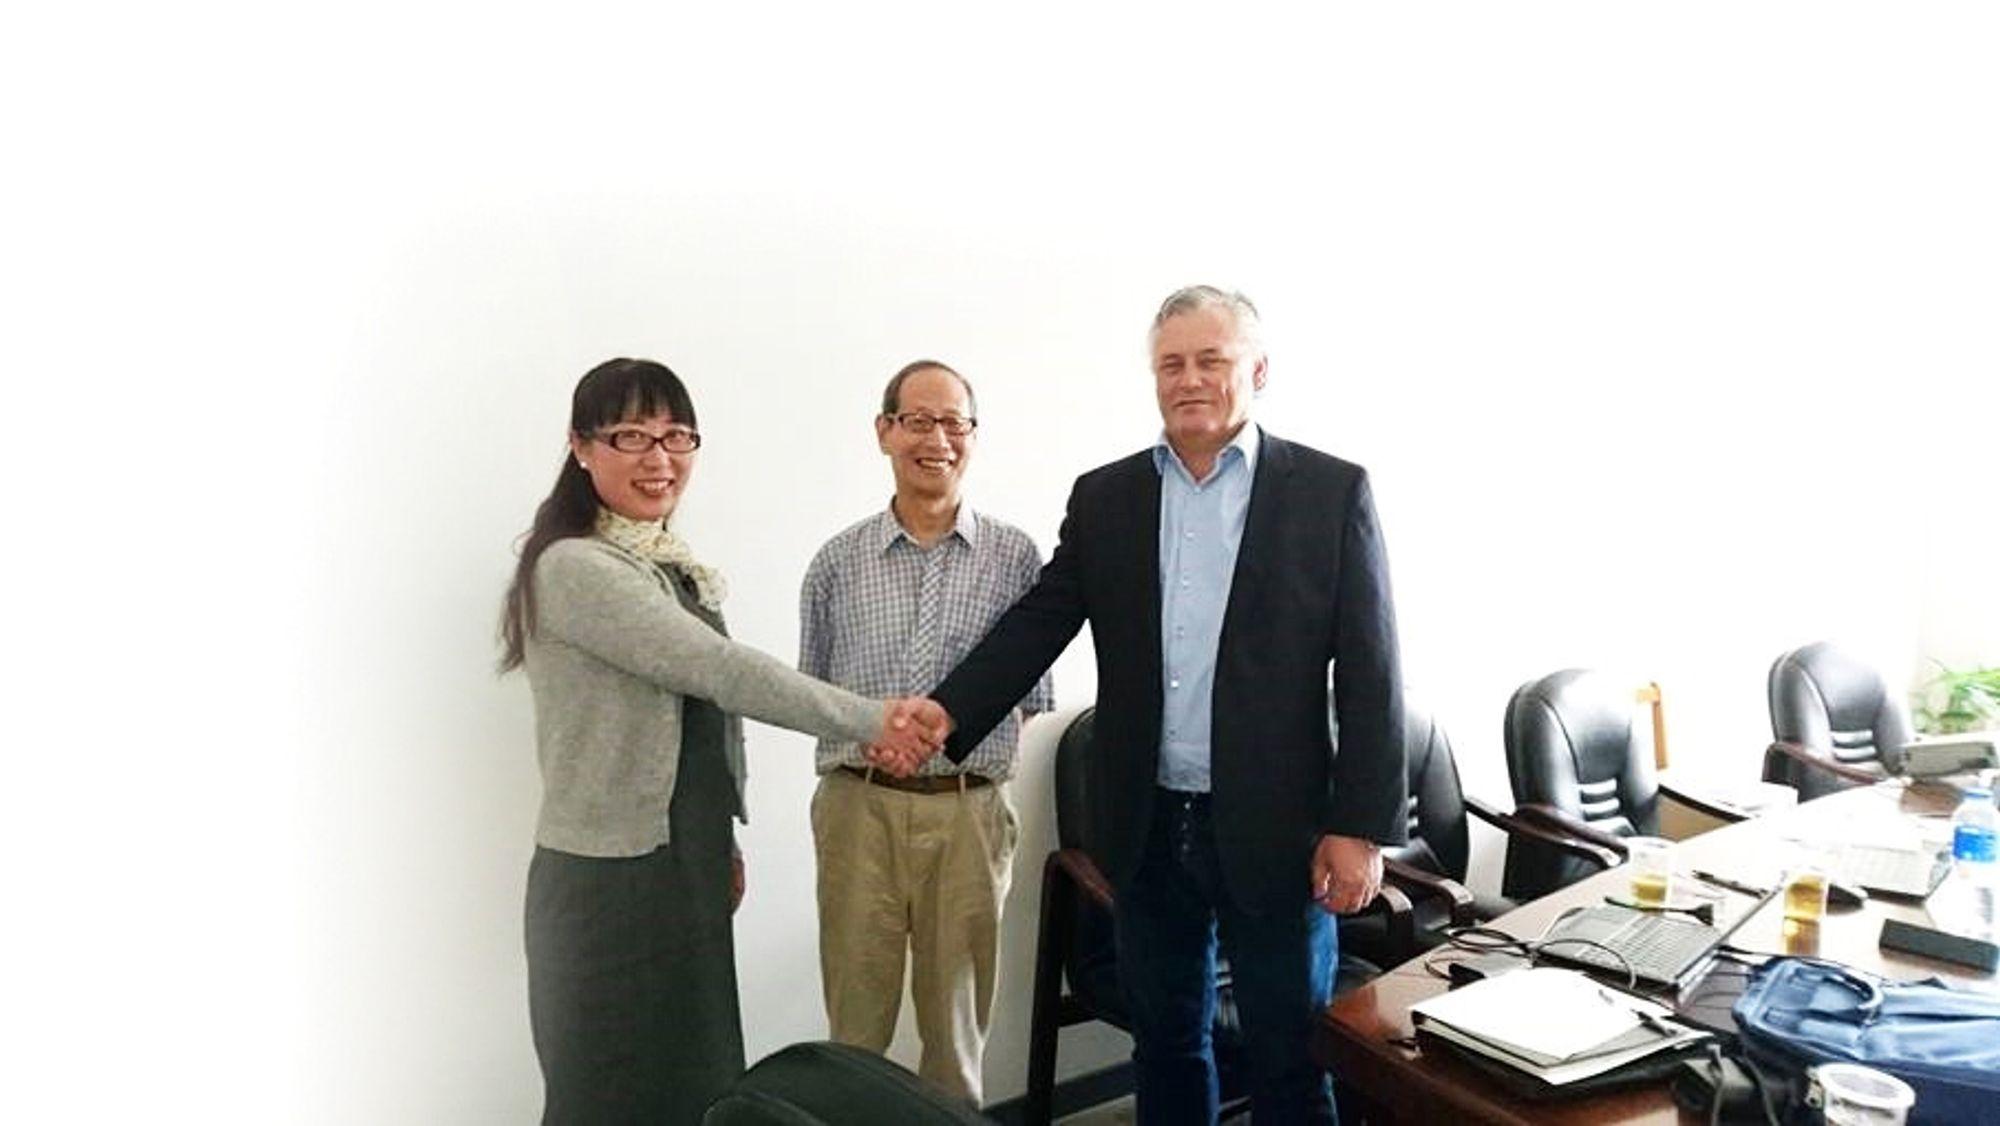 Fra venstre: Professor Jinghui Yang fra SSPU, professor Kesheng Wang fra NTNU og daglig Jan Erik Evanger fra APX systems AS.